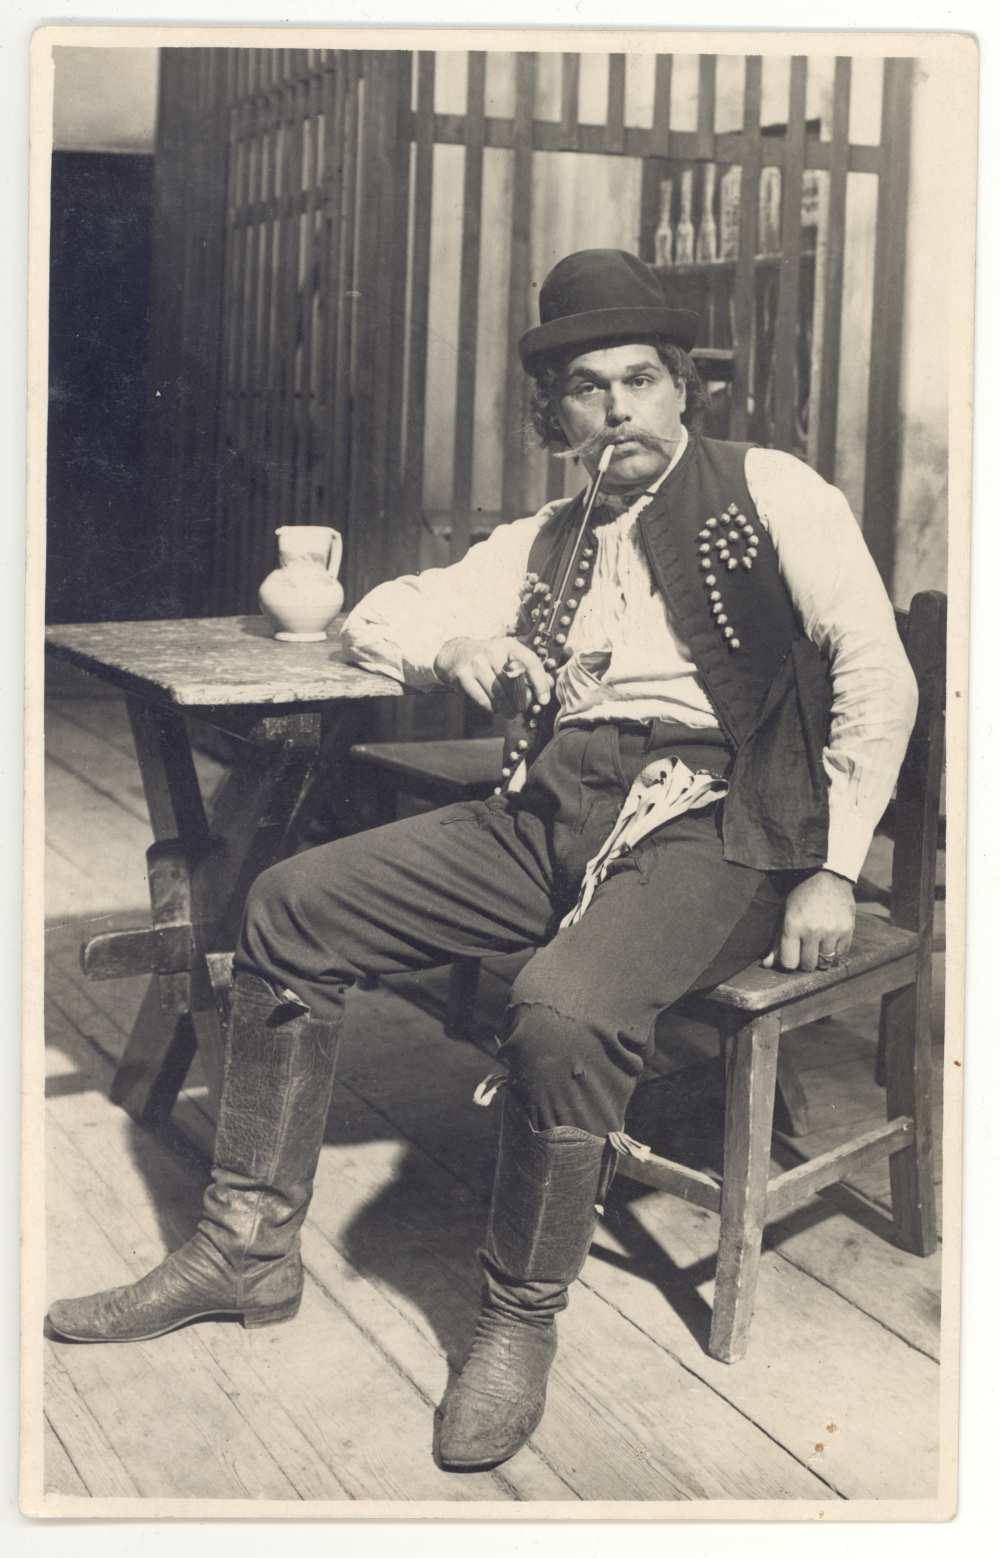 Kodály Zoltán: Háry János. Előjáték. A nagyabonyi kocsma. Palló Imre mint Háry. 1926. Jelzet: KA 4155/40. – Színháztörténeti és Zeneműtár